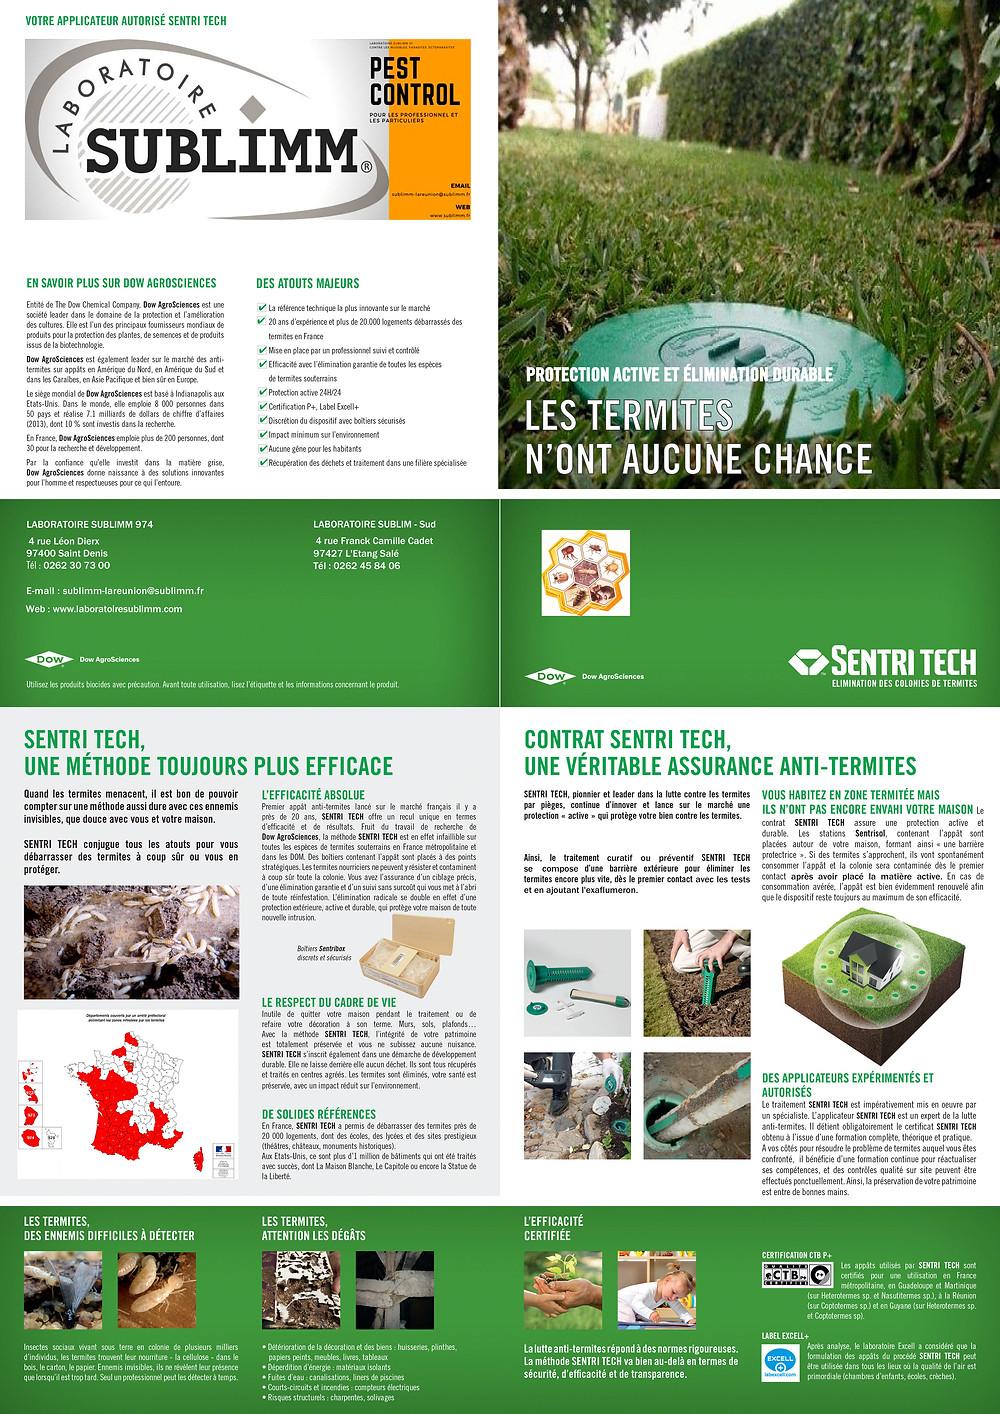 Brochure définissant le procédé Sentri-tech : traitement contre les termites avec le procédé pièges et appâts.